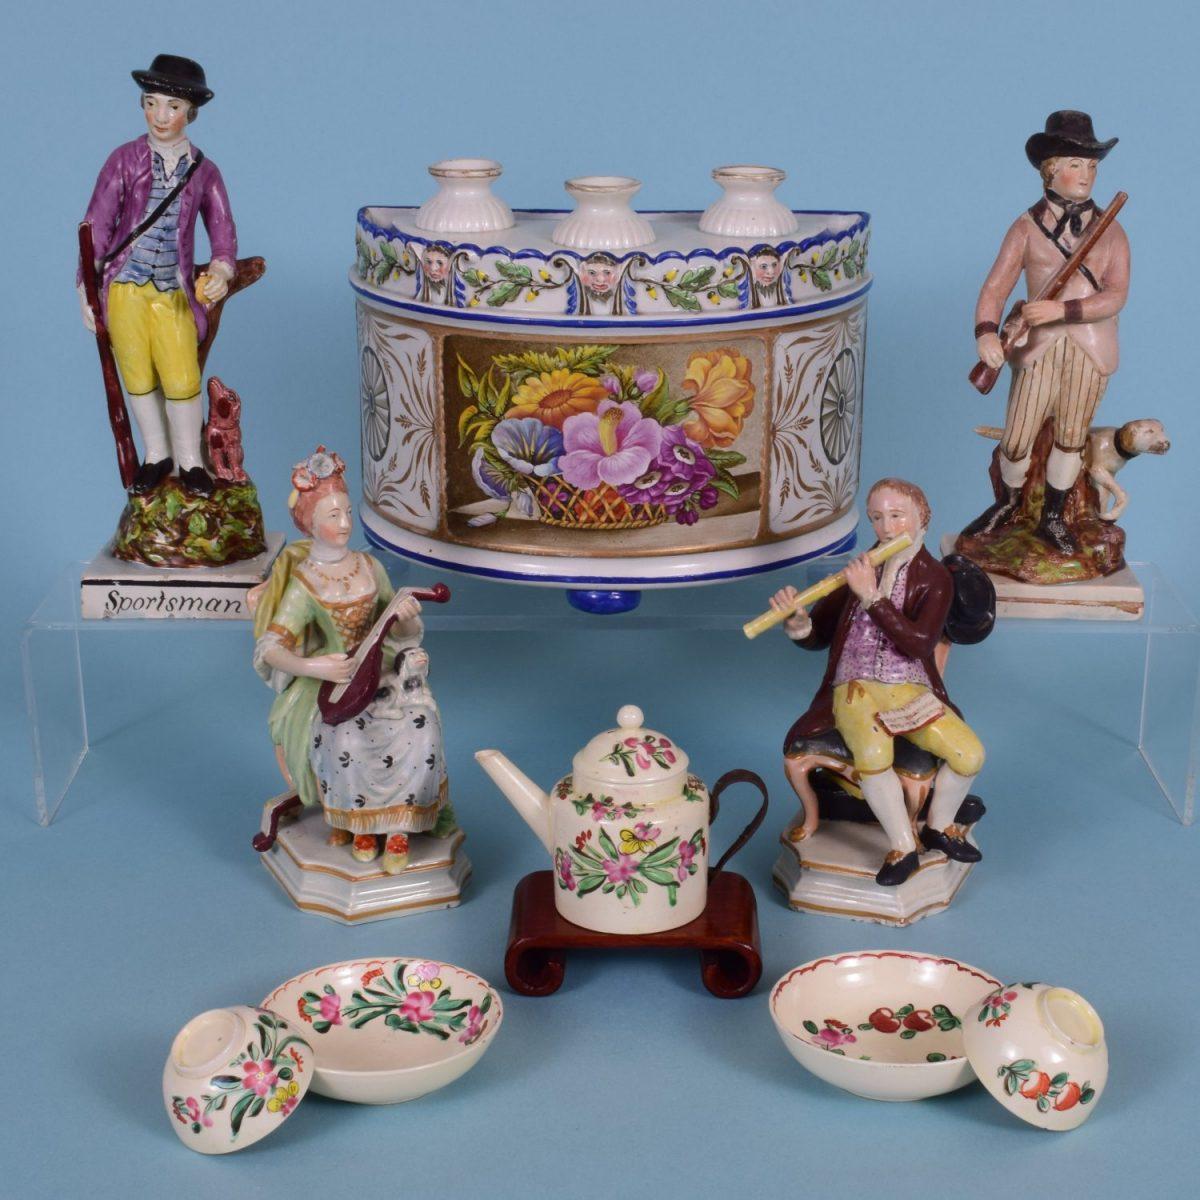 1. English Pottery